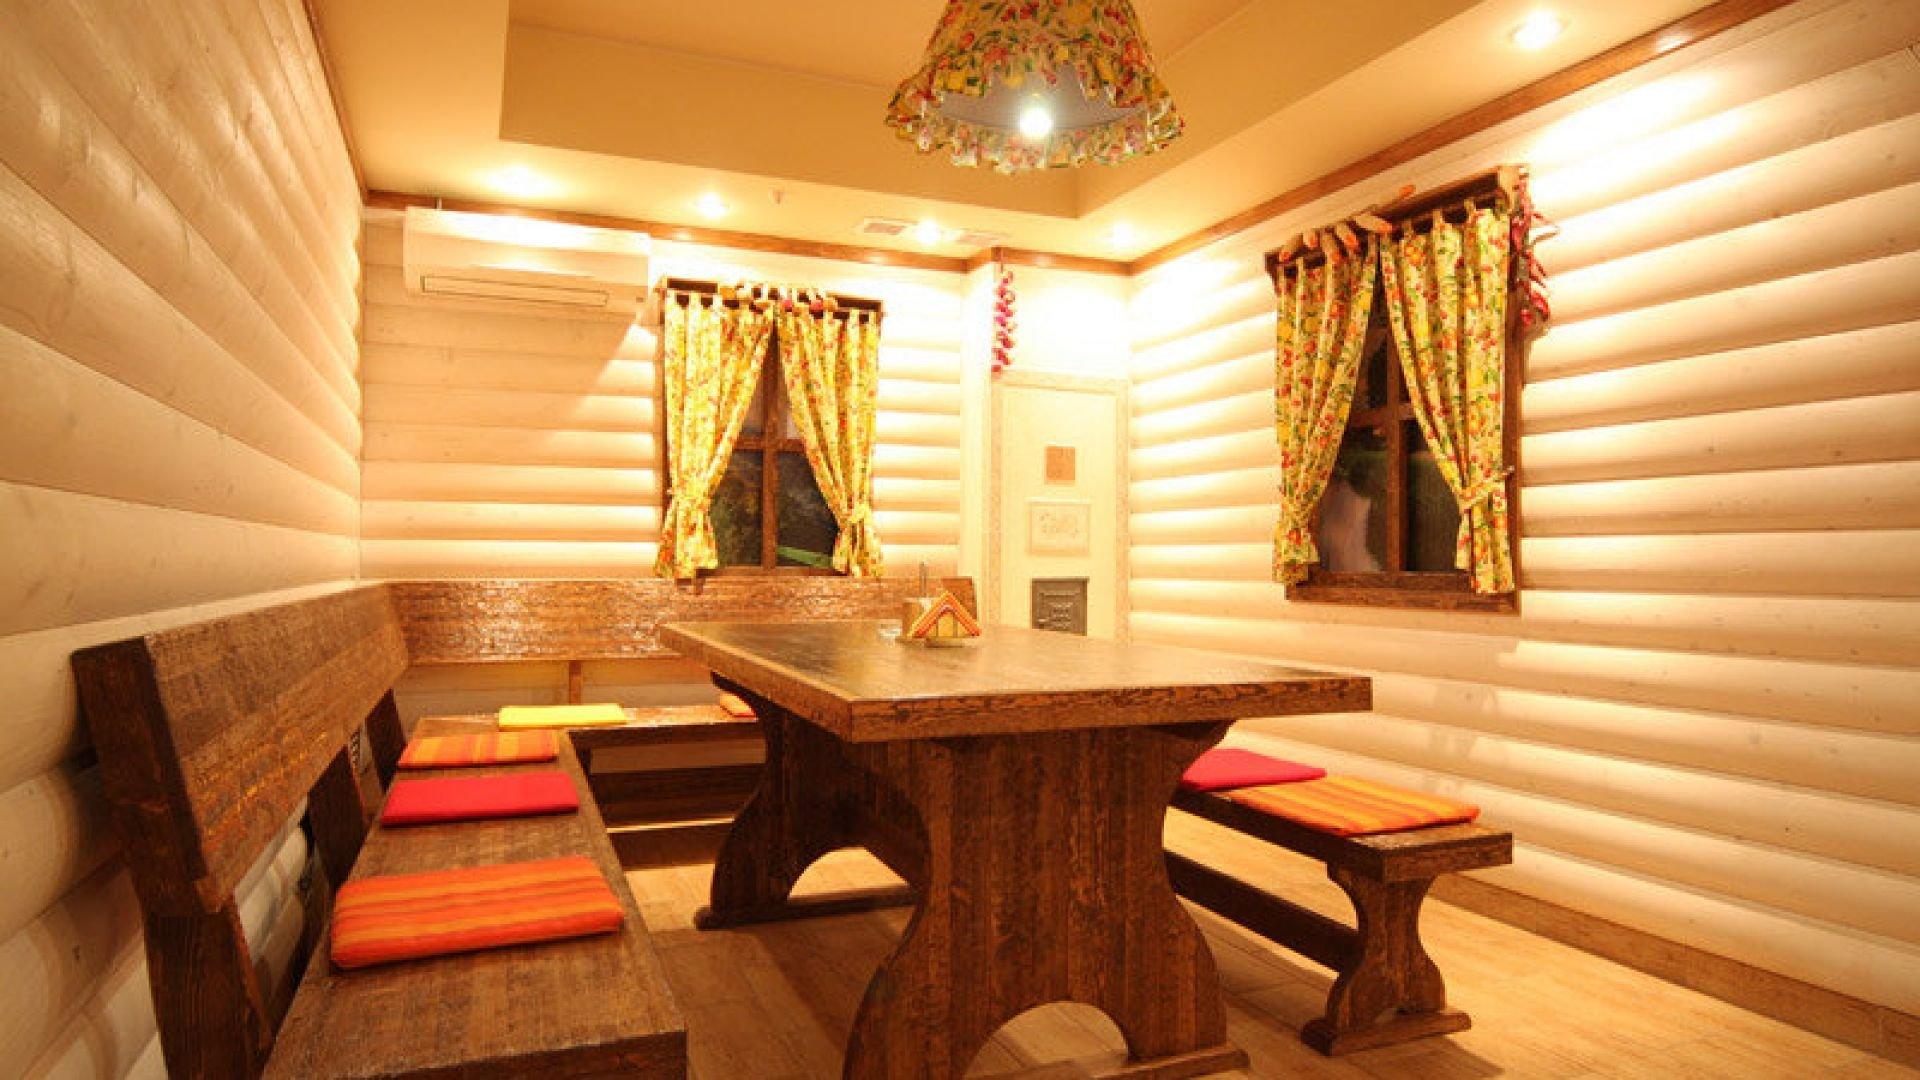 Особенности мебели в баню, популярные модели и рекомендации